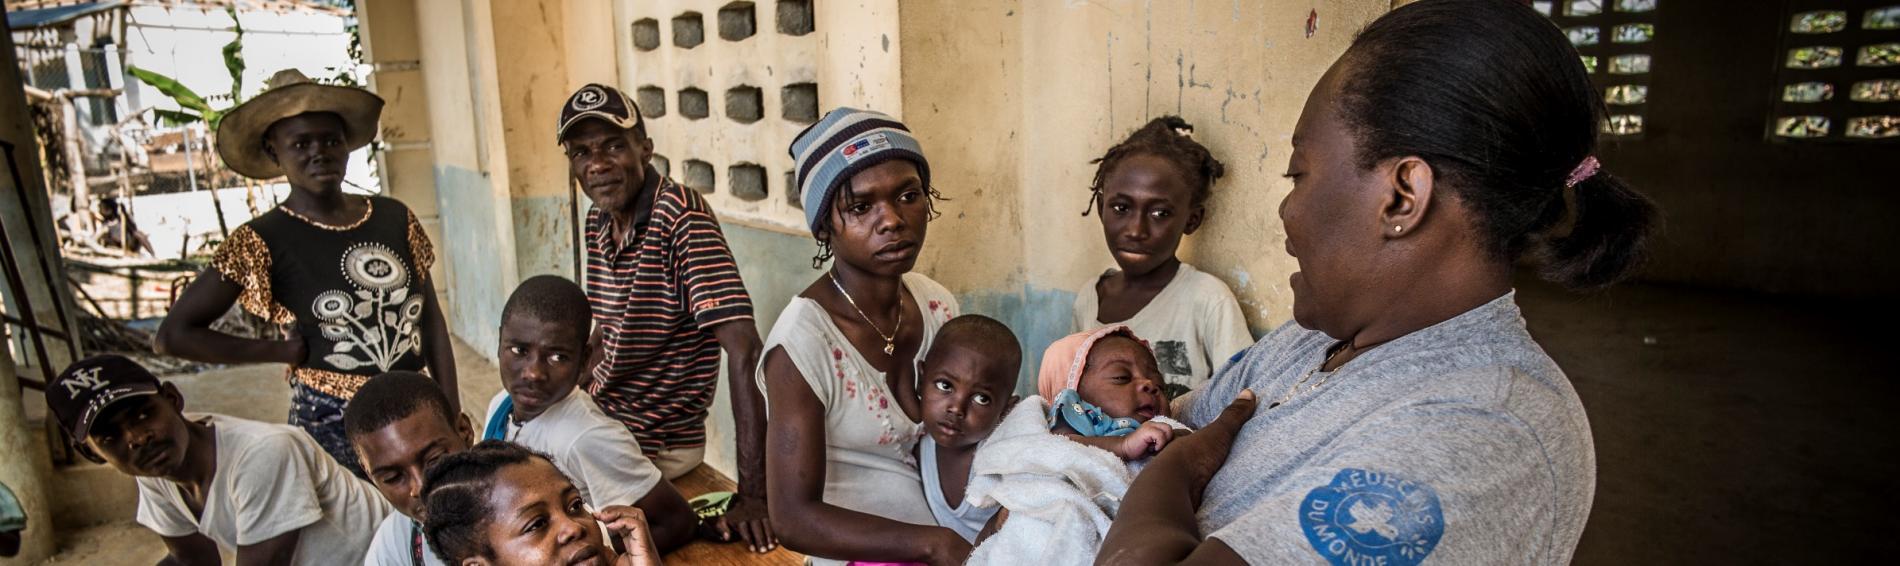 Medizinische Grundversorgung von Schwangeren, Müttern und Kindern in Haiti. Foto: Olivier Papegnies